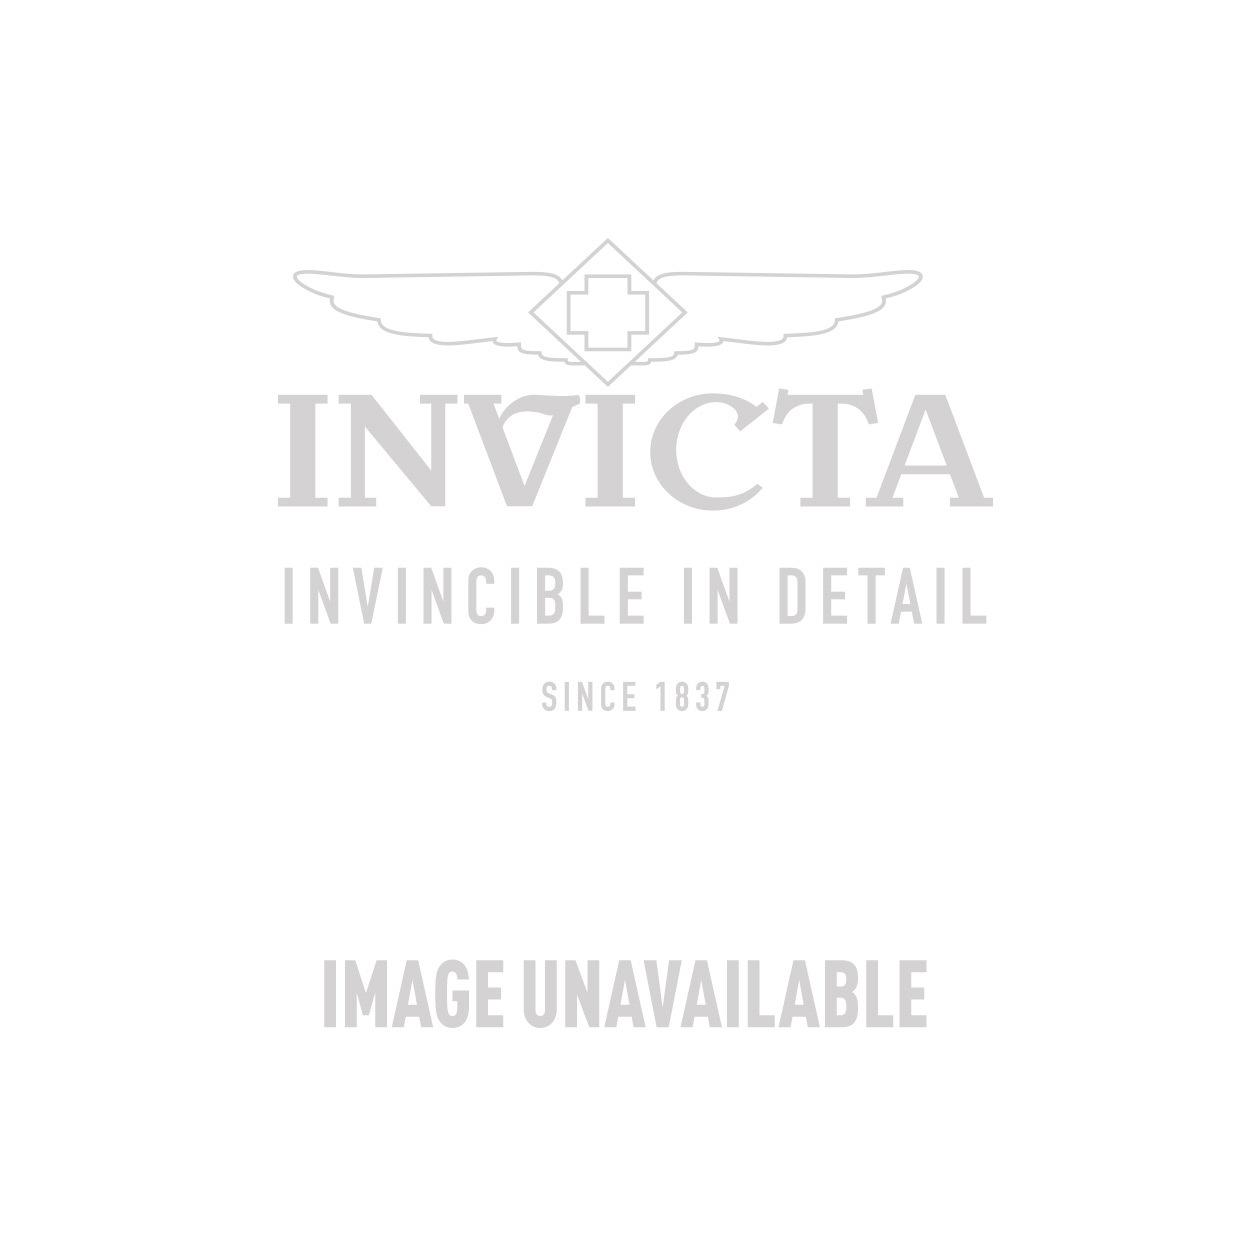 Invicta Model 24879